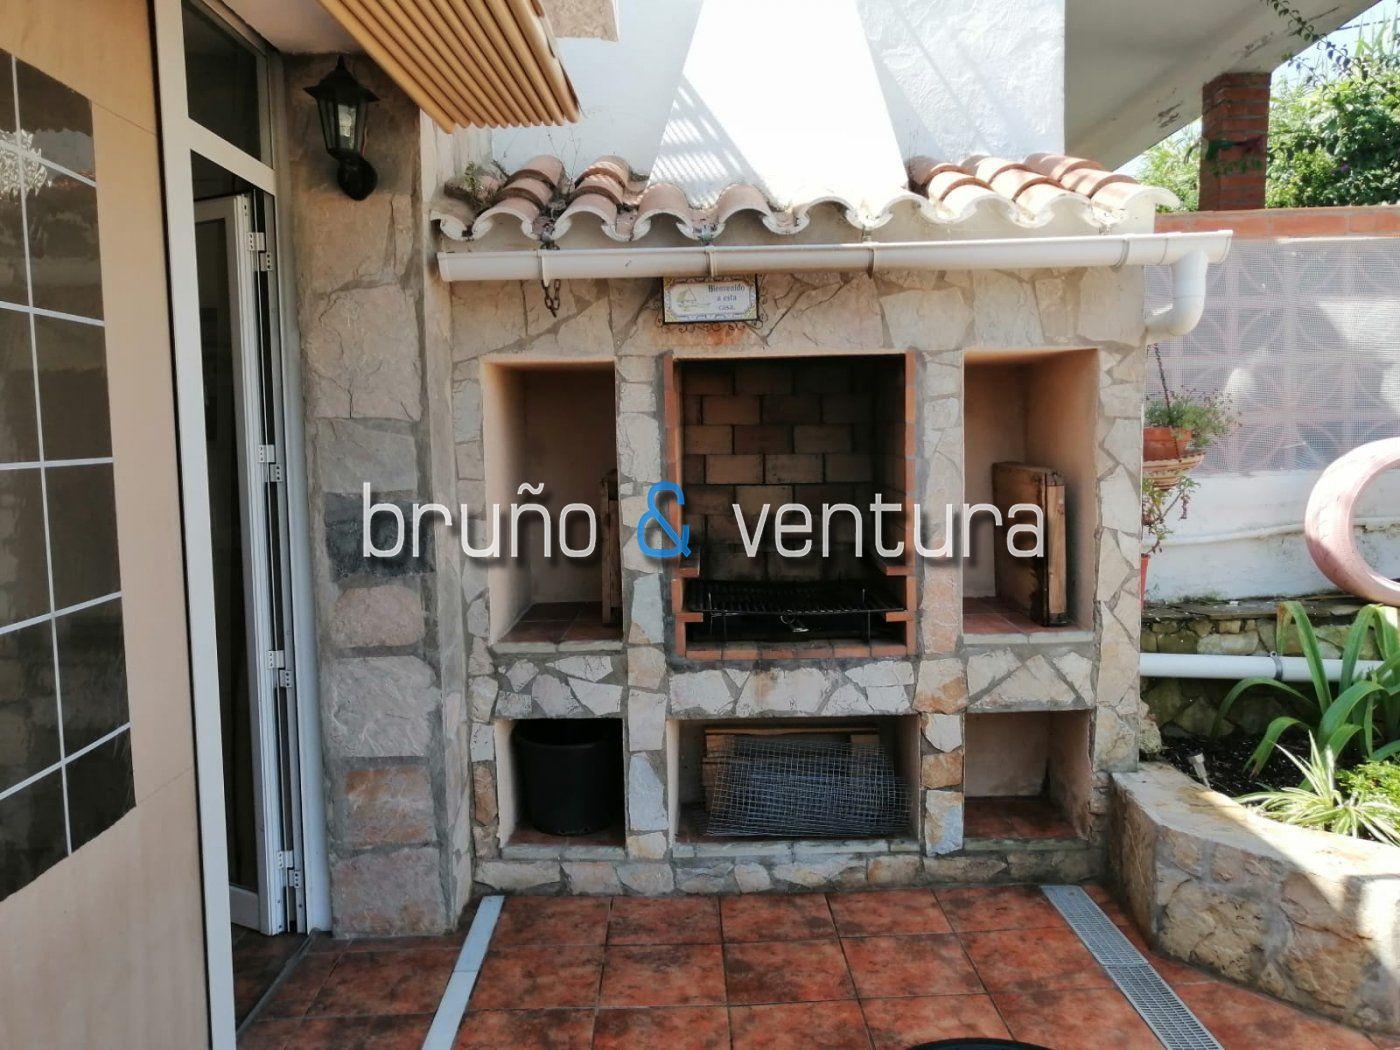 Lloguer Casa  Vilanova i la geltru ,corral d`en roc. Casa en alquiler en vilanova i la geltrú